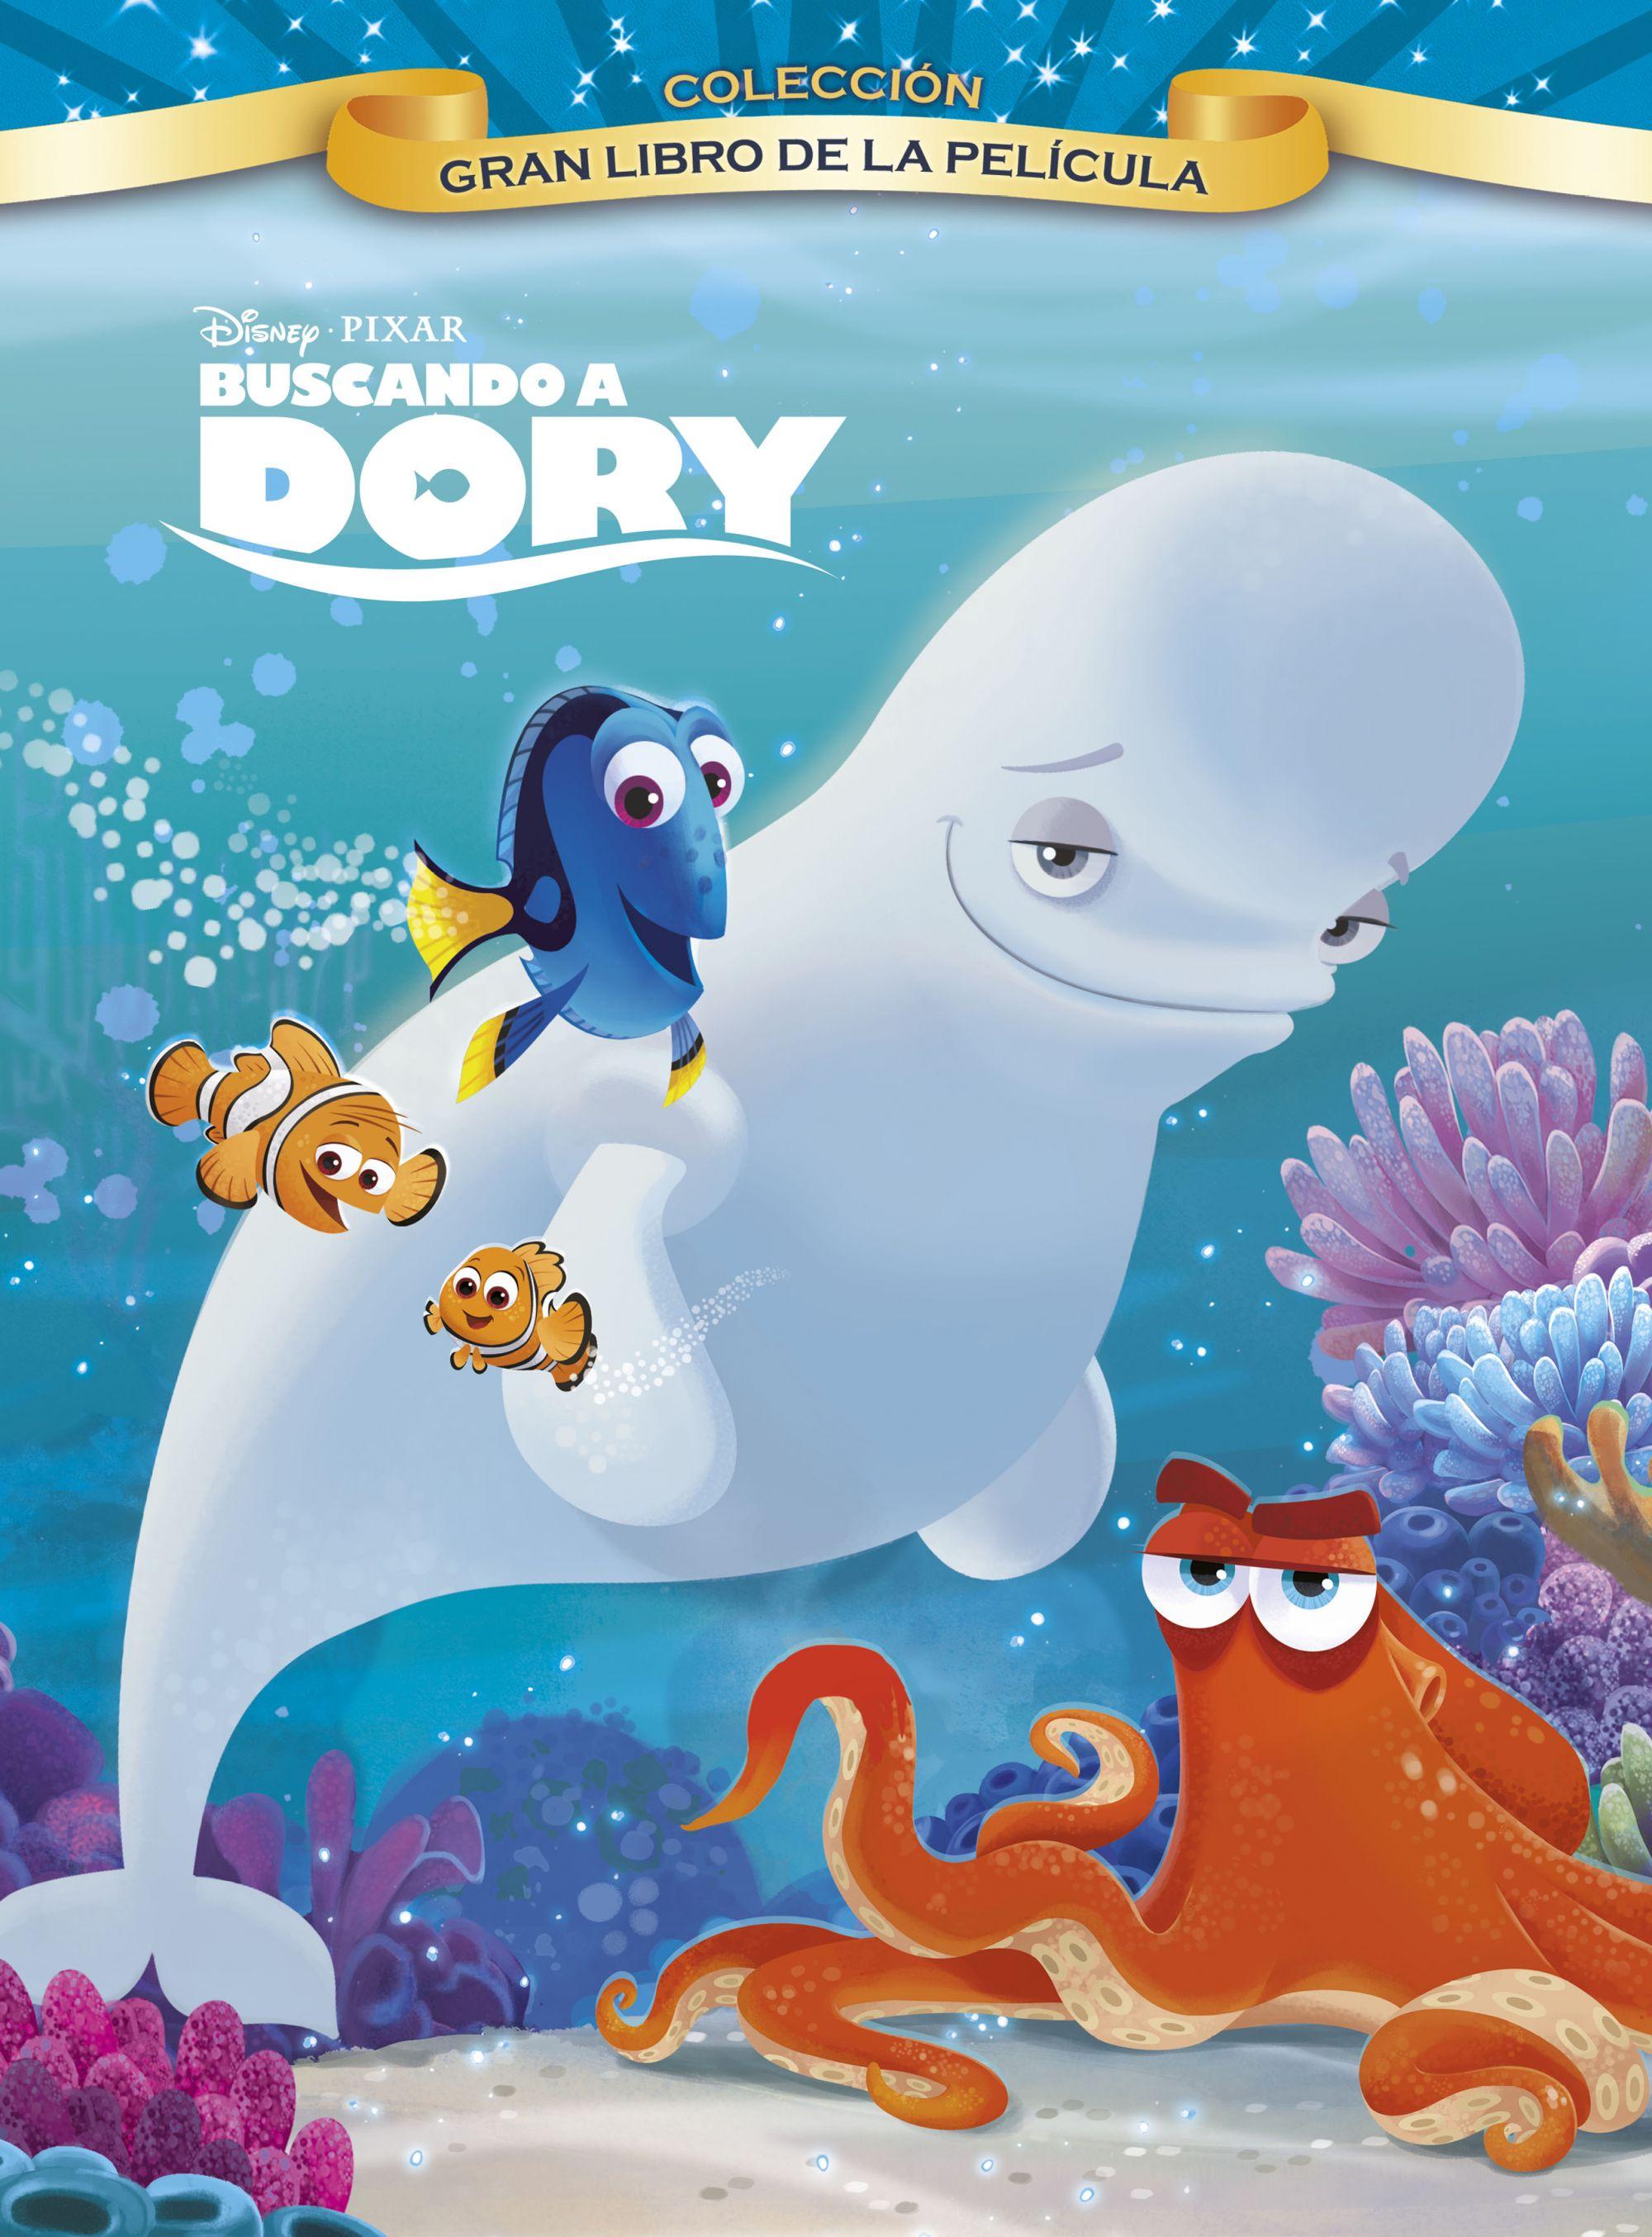 Buscando a Dory puede ser tuyo! - El Gancho